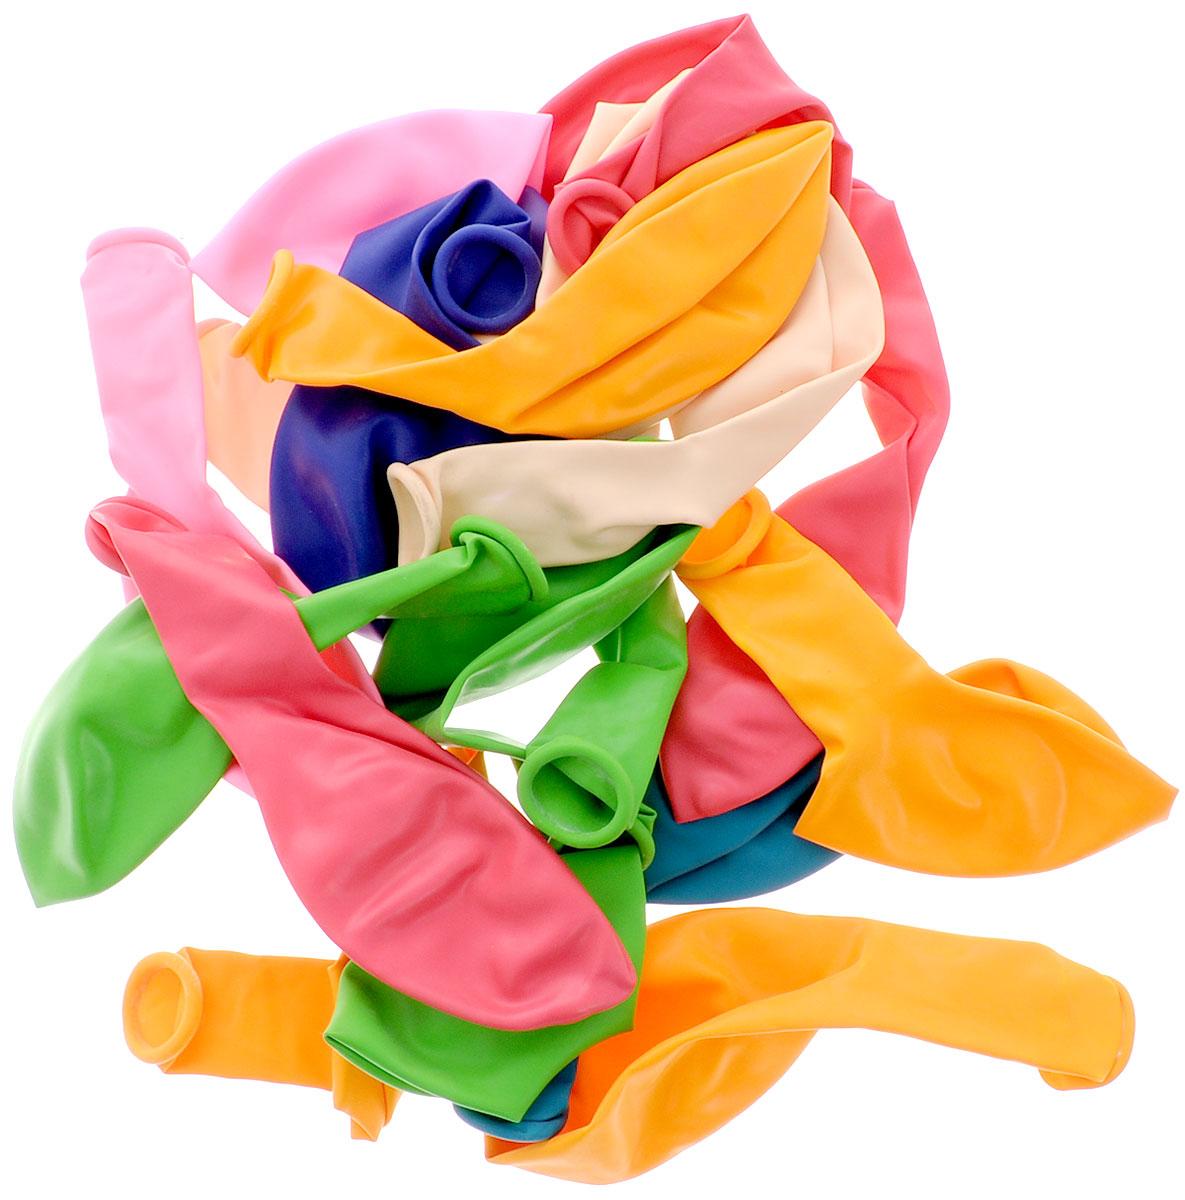 Action! Шары воздушные 25 см 20 штAPI0061/MНабор разноцветных латексных шариков - высочайшего качества. Прочные шары округлой формы без рисунков. Свадьба, день рождения, или просто признание в любви - воздушные шарики сделают любое событие незабываемым! Эти яркие праздничные аксессуары поднимут настроение вам и вашим гостям! Набор содержит 20 цветных шаров.